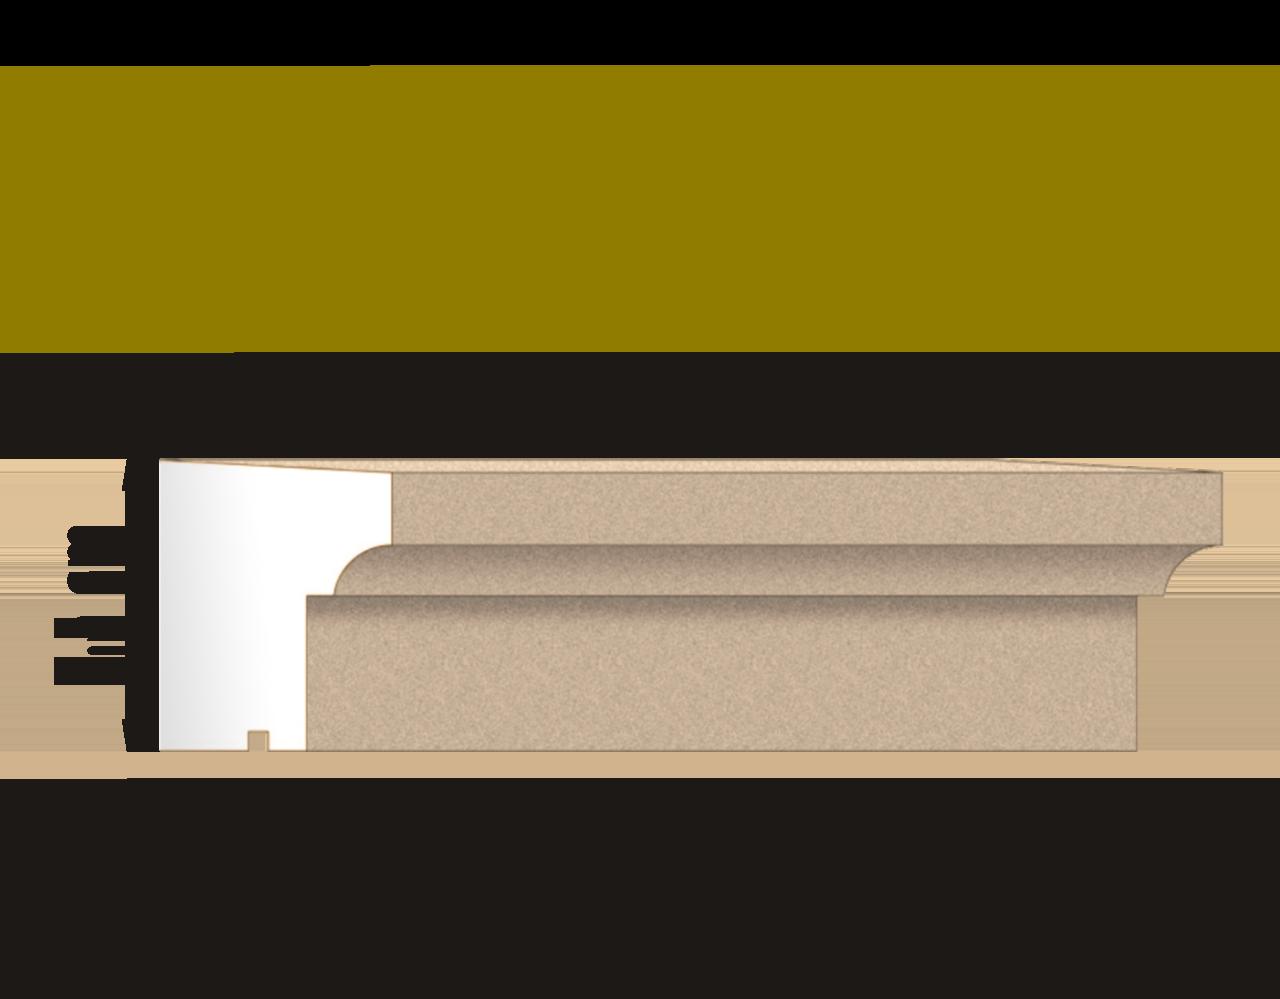 SAN-F-201